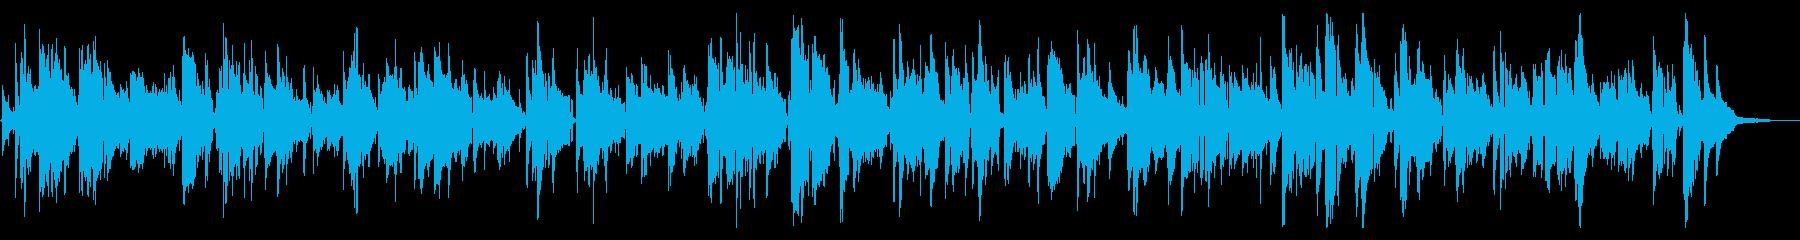 ムードのあるラウンジのサックスジャズの再生済みの波形